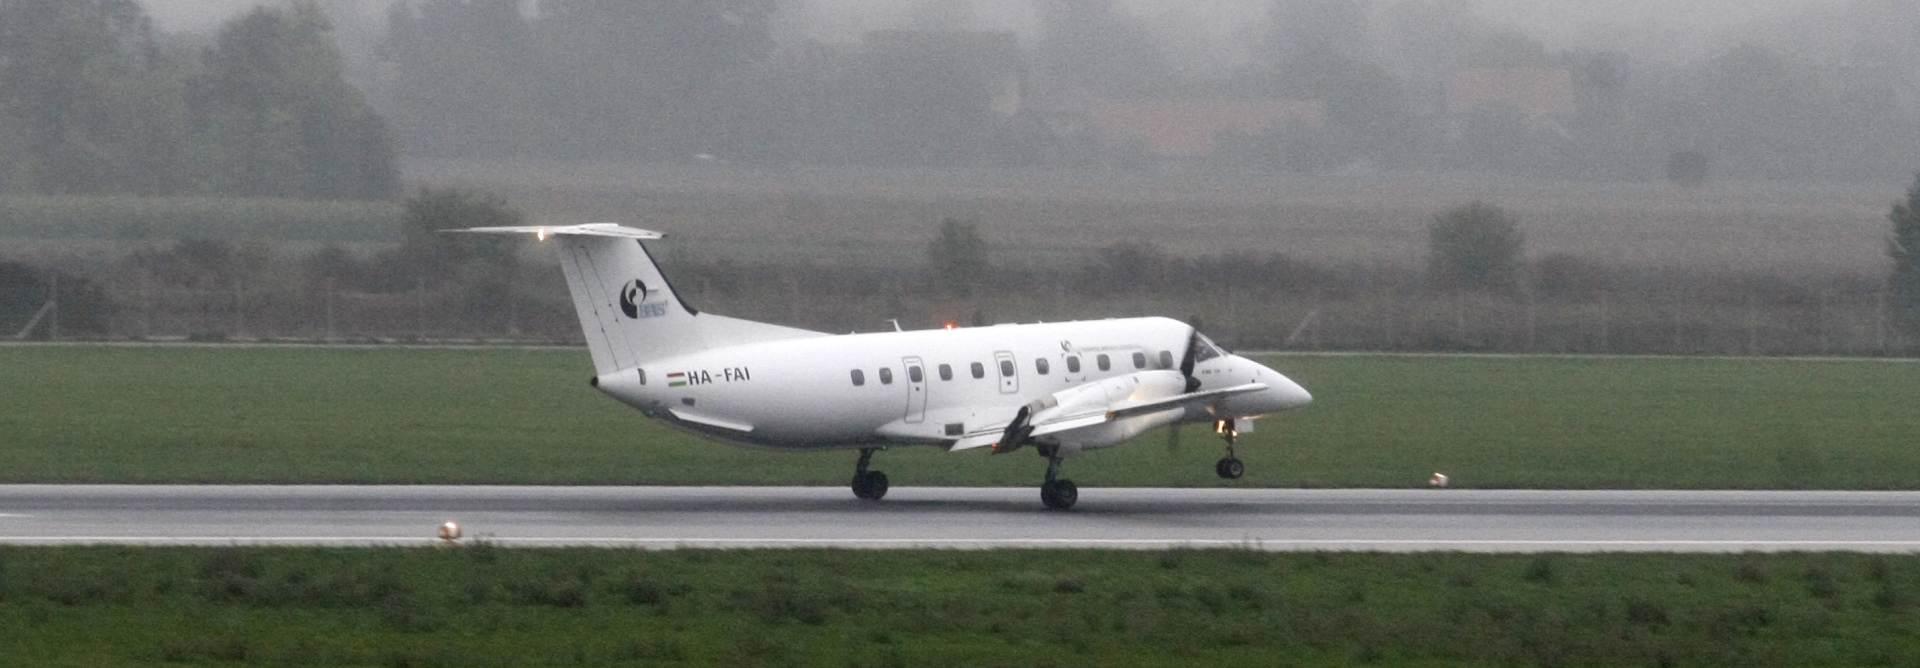 HACZ UPOZORAVA: Sea Air nije ovlašten za komercijalni zračni prijevoz putnika